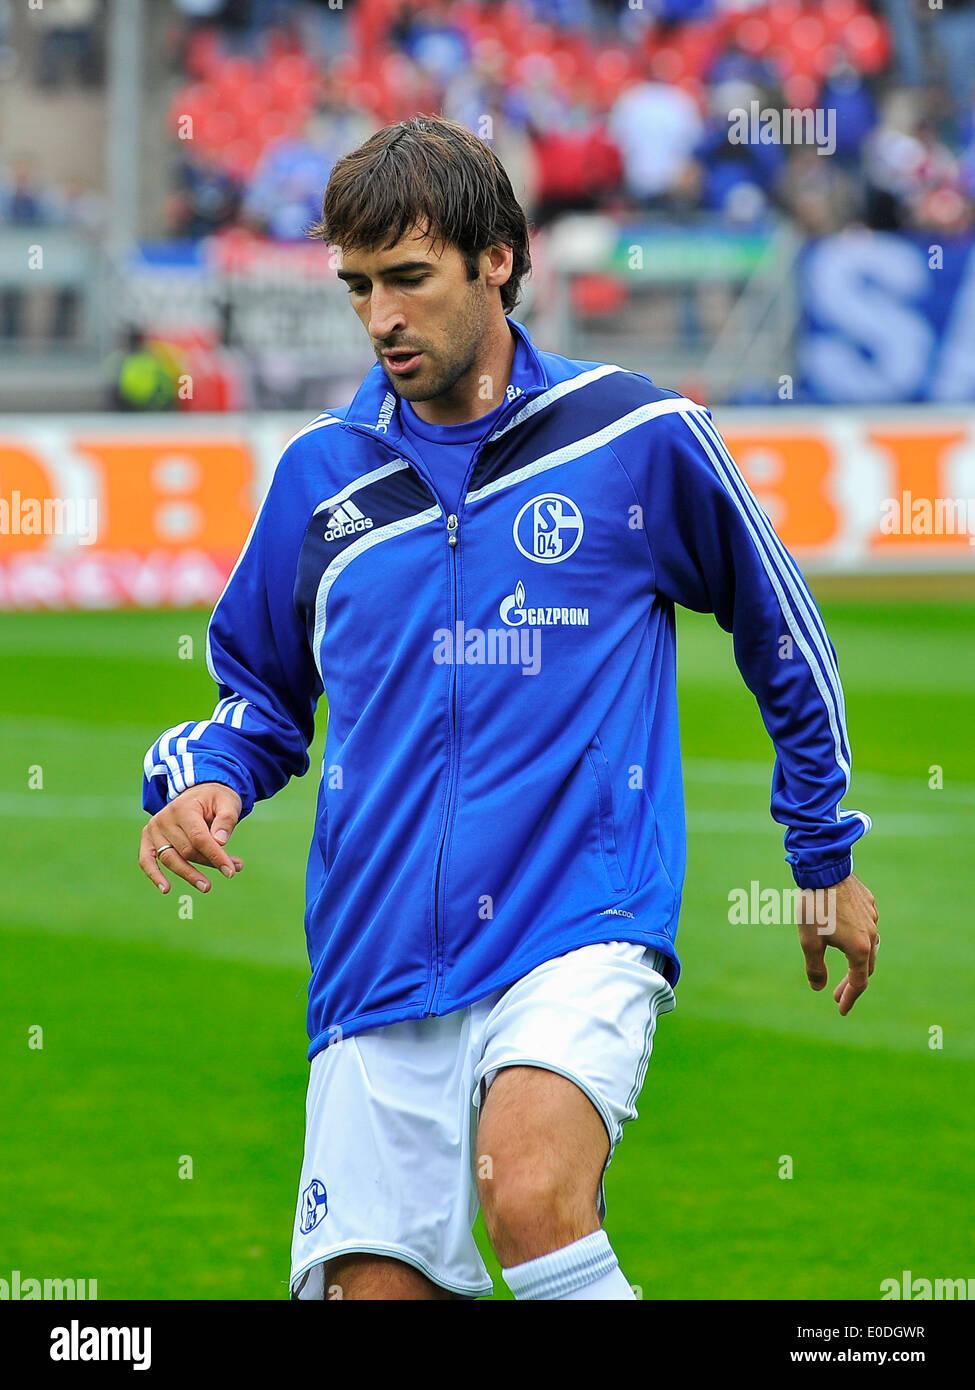 RAUL (FC Schalke 04),Fussball,DFB,Bundesliga,for editorial use,   Fussball DFB ,Bundesliga - Stock Image